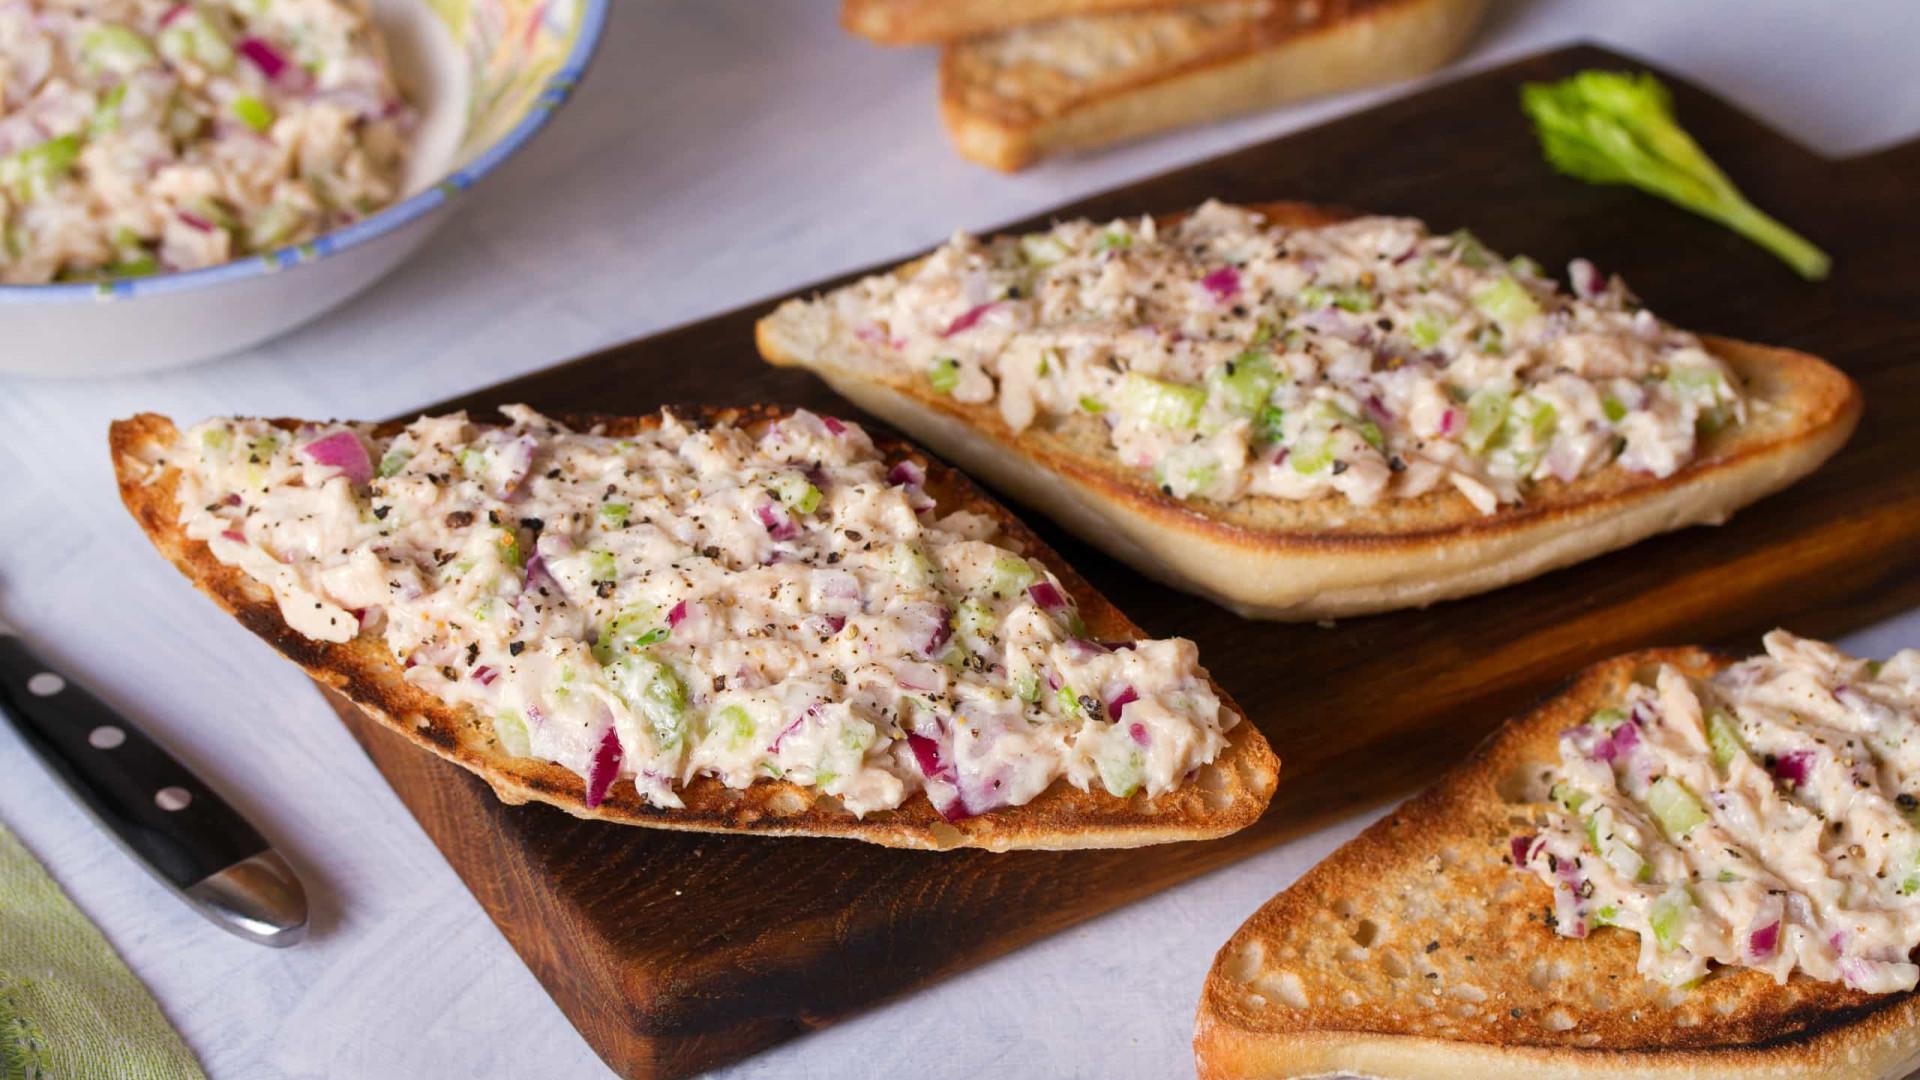 Aprenda fazer um delicioso sanduíche de Atum com maçã verde